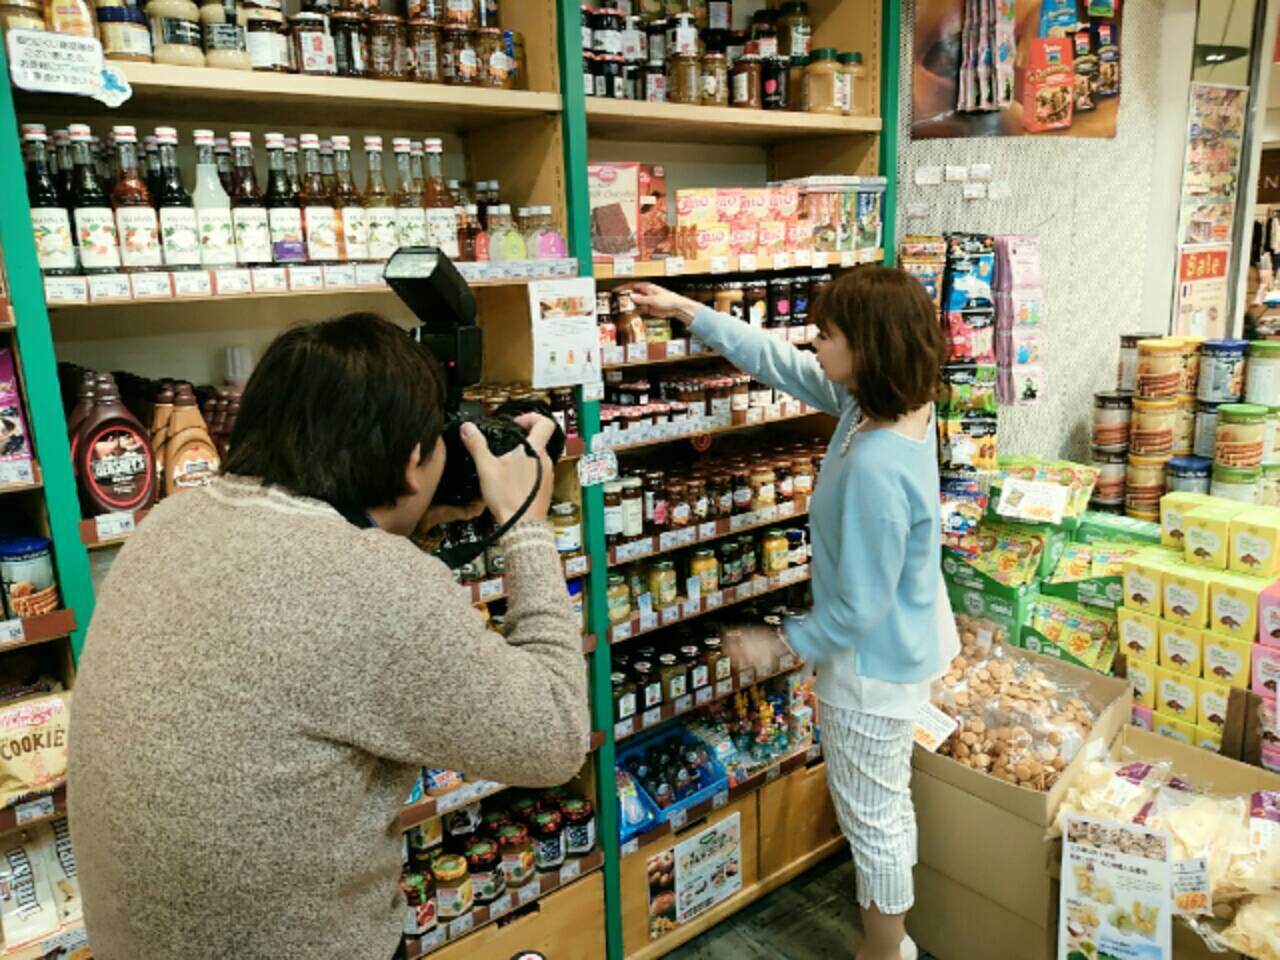 横浜ポルタで世界各国の食品がGETできる!お気に入りを見つけに行こう!